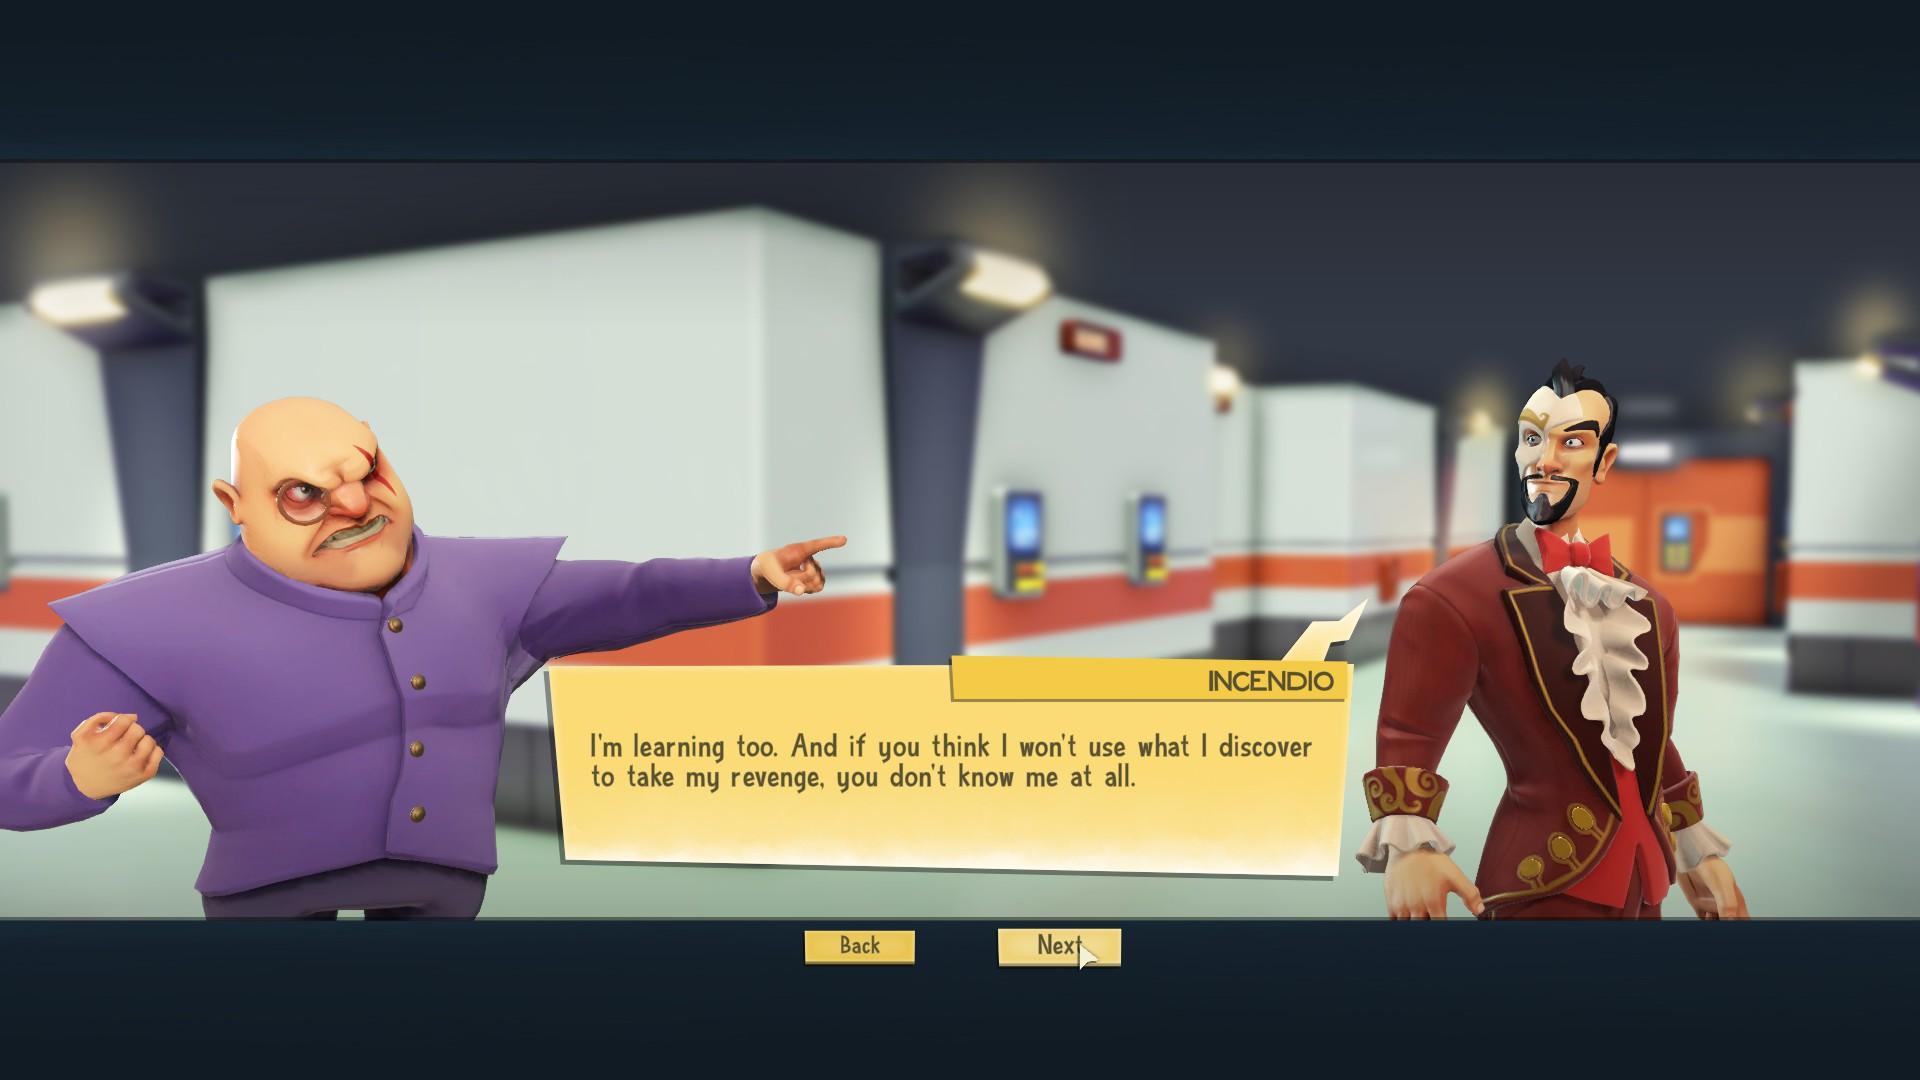 Incendio est l'un des personnages que vous pouvez rencontrer durant votre campagne.